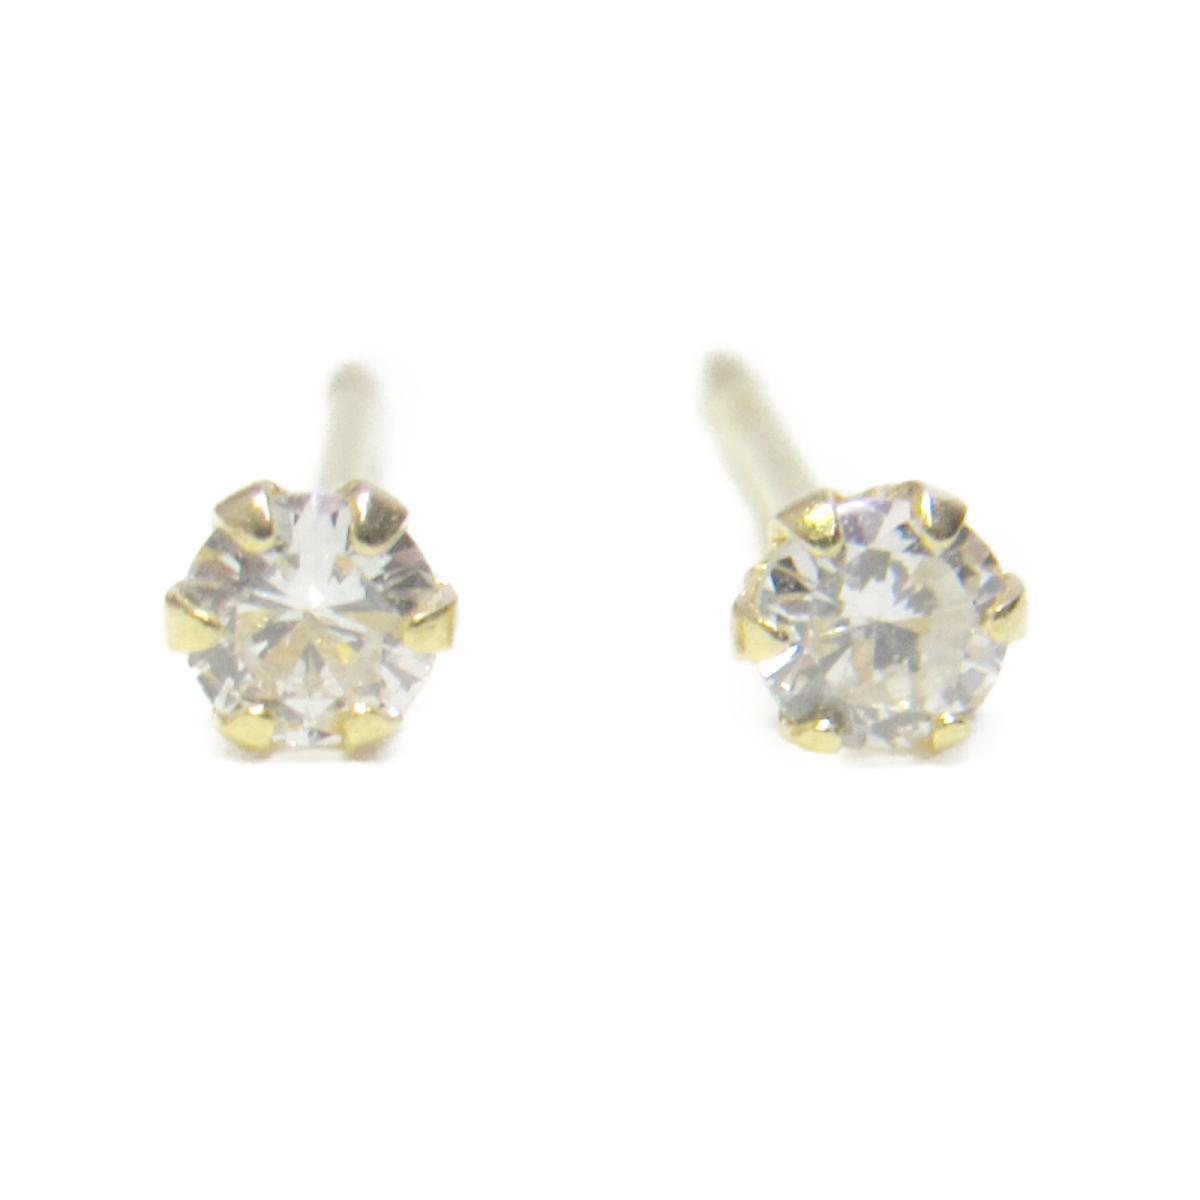 【中古】 ジュエリー ダイヤモンド ピアス レディース K18YG (750) イエローゴールド x ダイヤモンド0.05ct 2 | JEWELRY BRANDOFF ブランドオフ ブランド アクセサリー